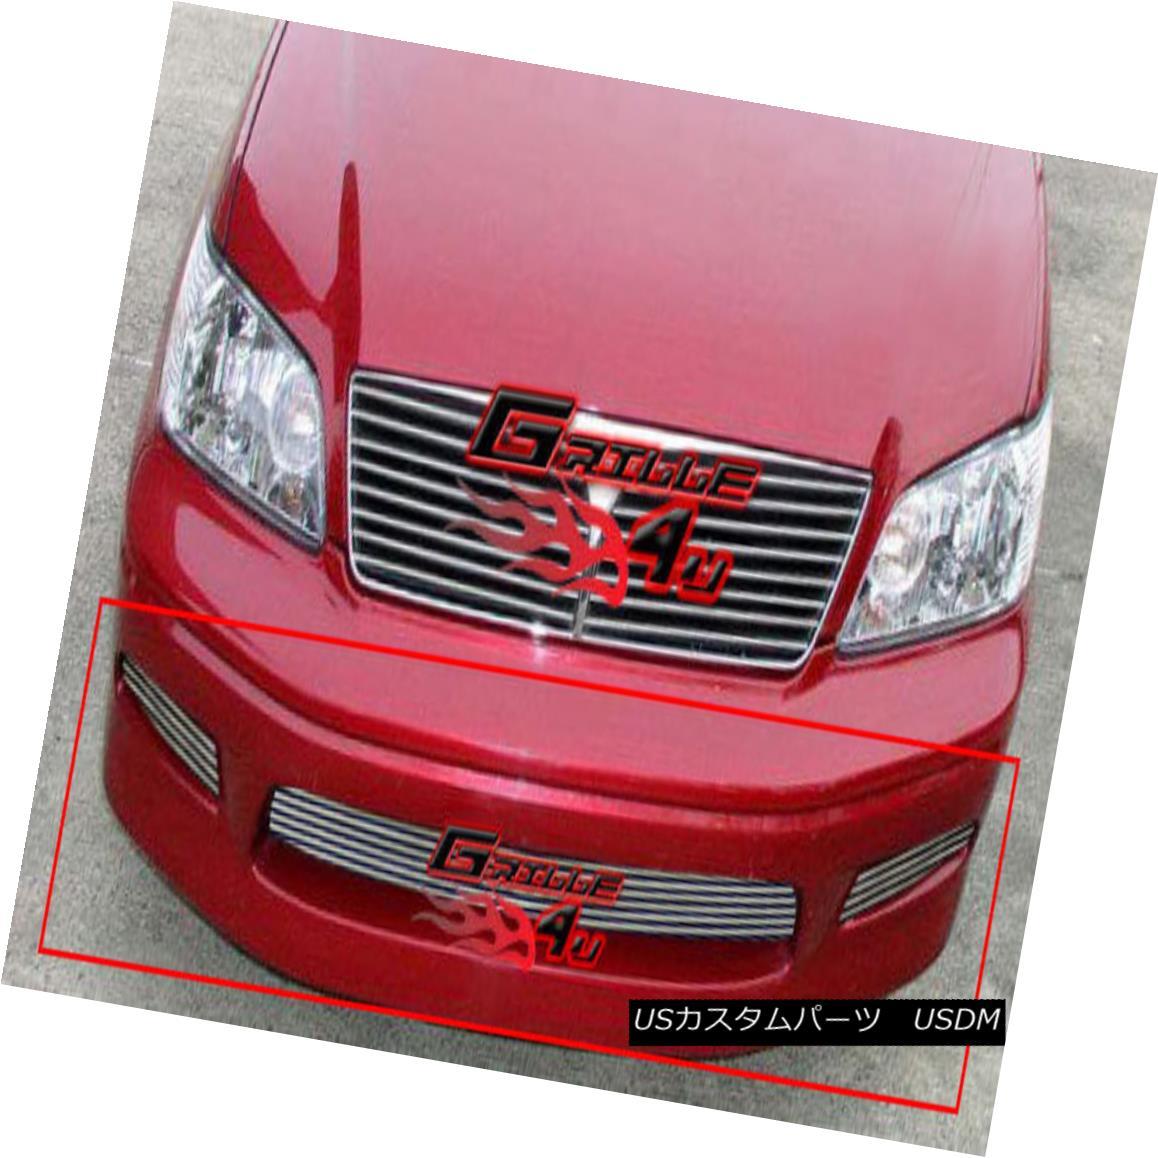 グリル Fits 02-03 Mitsubishi Lancer Lower Bumper Billet Grille Insert フィット02-03三菱ランサーロワーバンパービレットグリルインサート